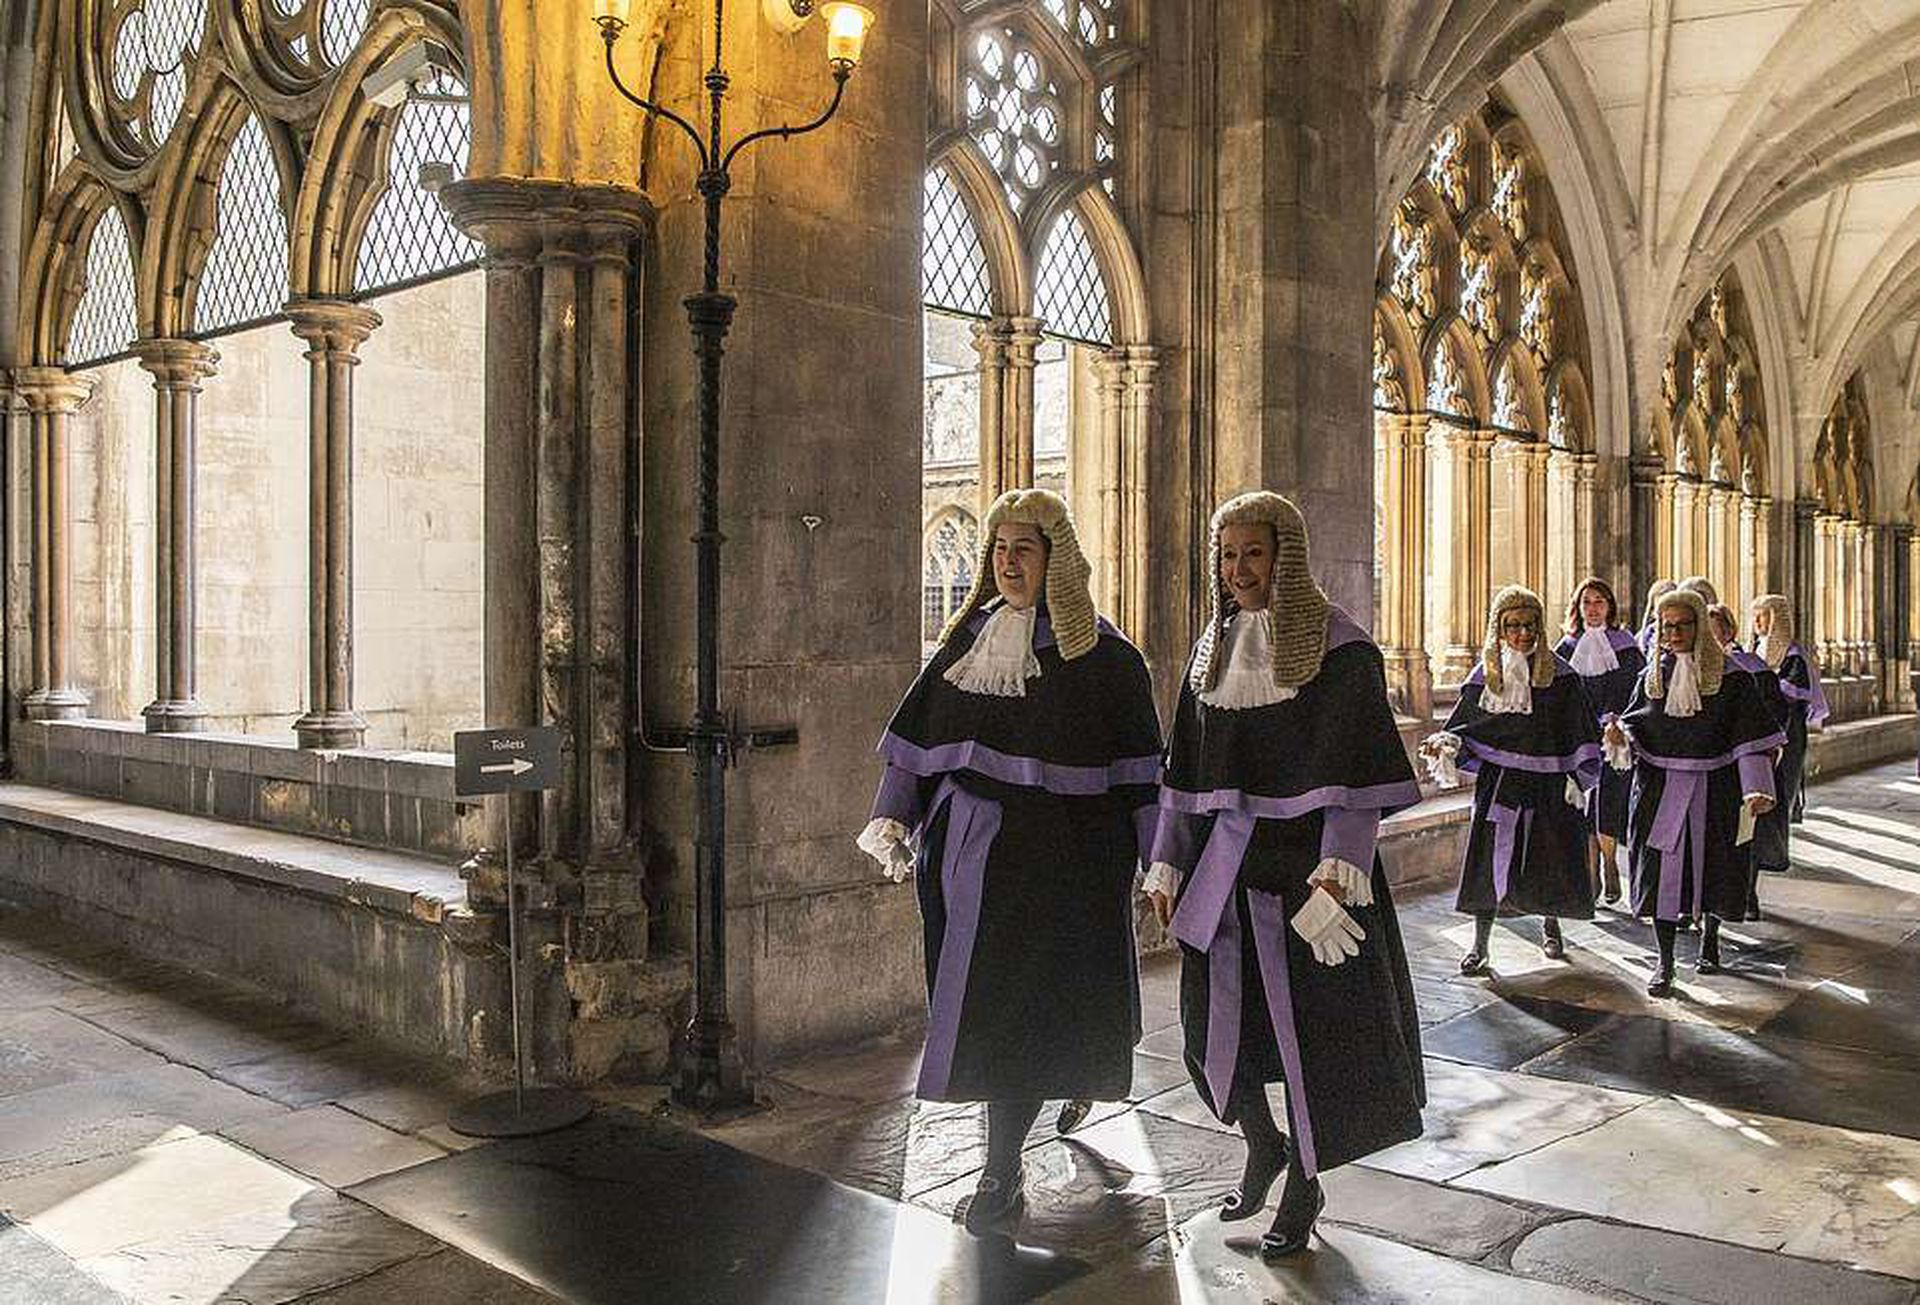 Los jueces de la Corte Suprema ingresan a la abadía de Westminster para celebrar el inicio del año legal.